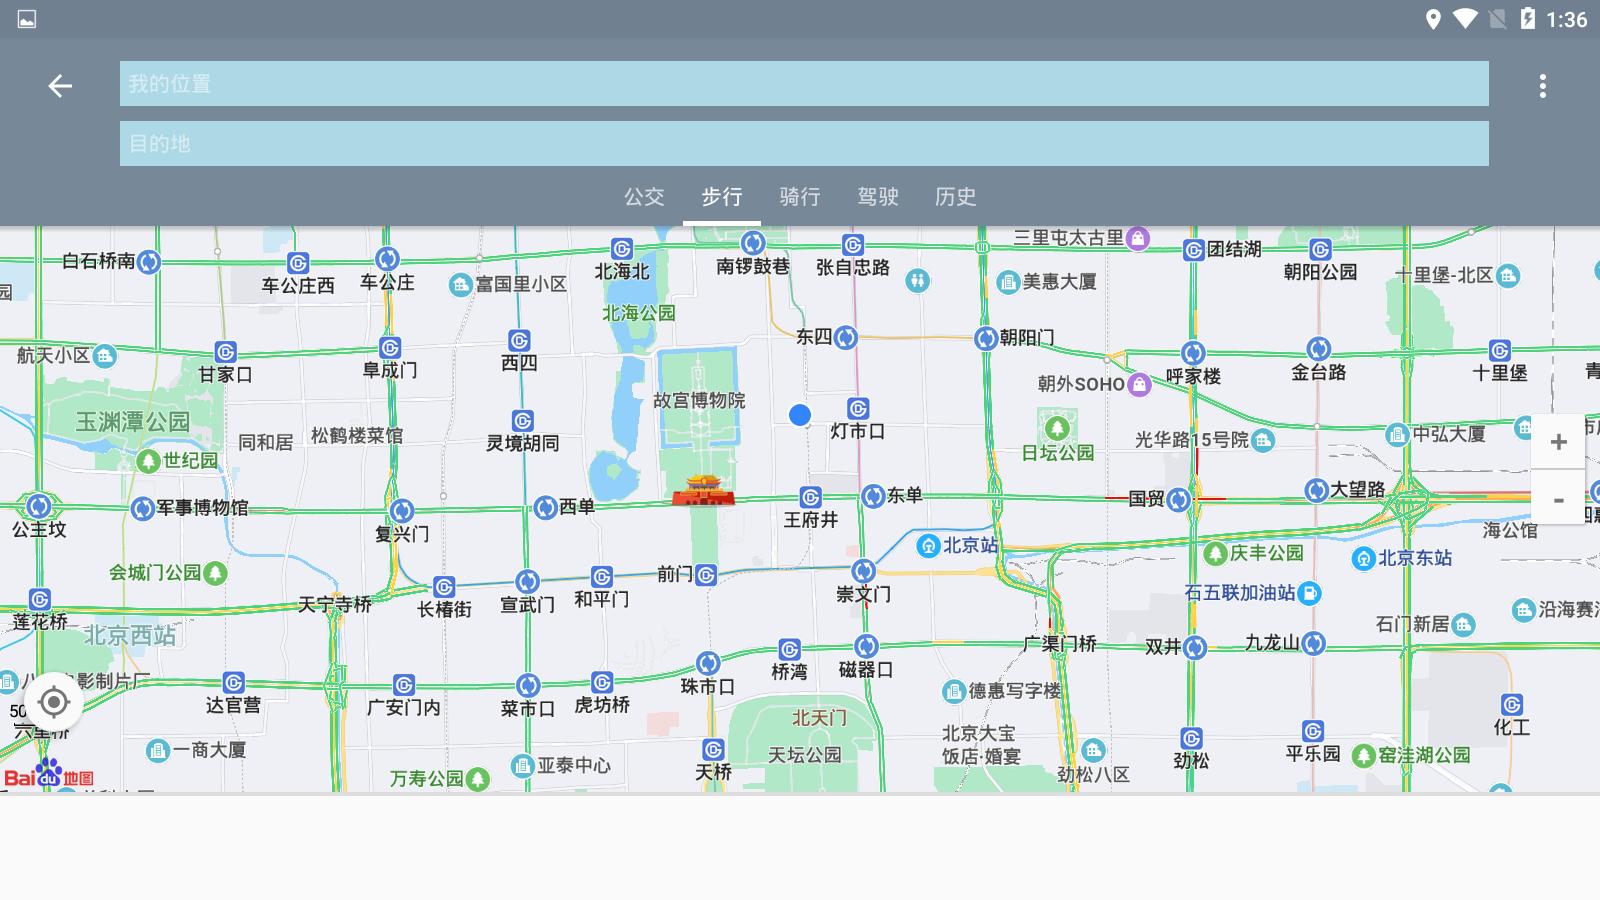 北斗卫星地图高清村庄地图截图